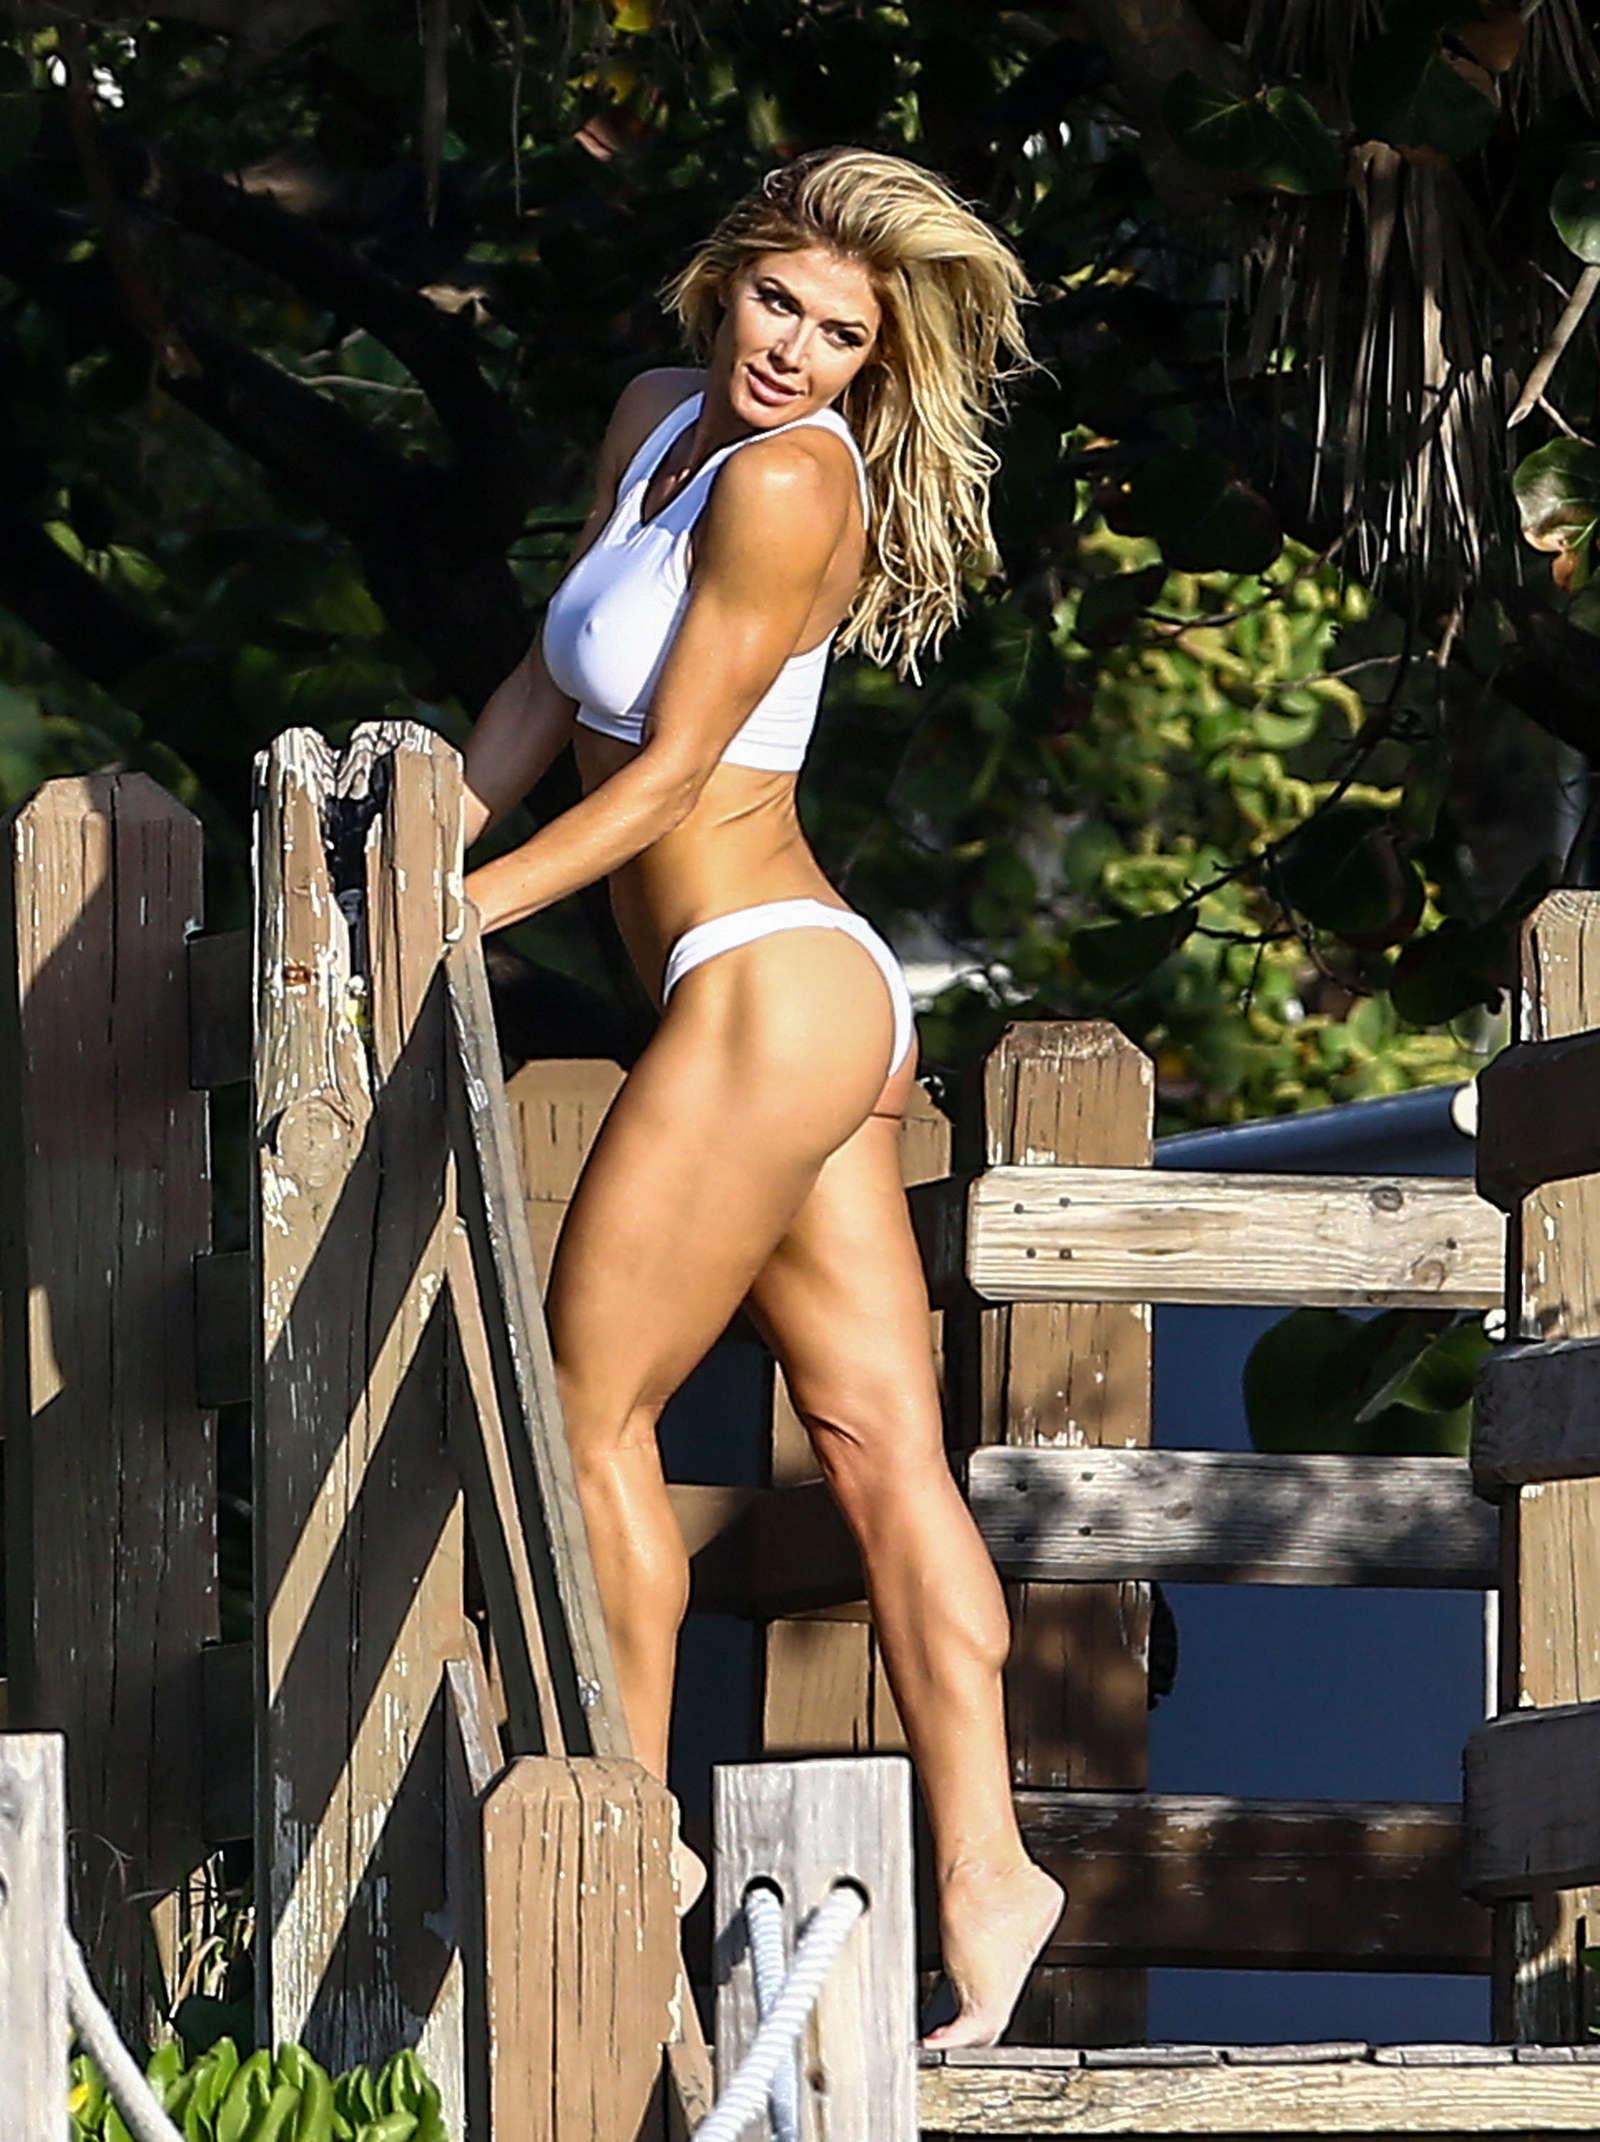 Wwe torrie wilson bikini